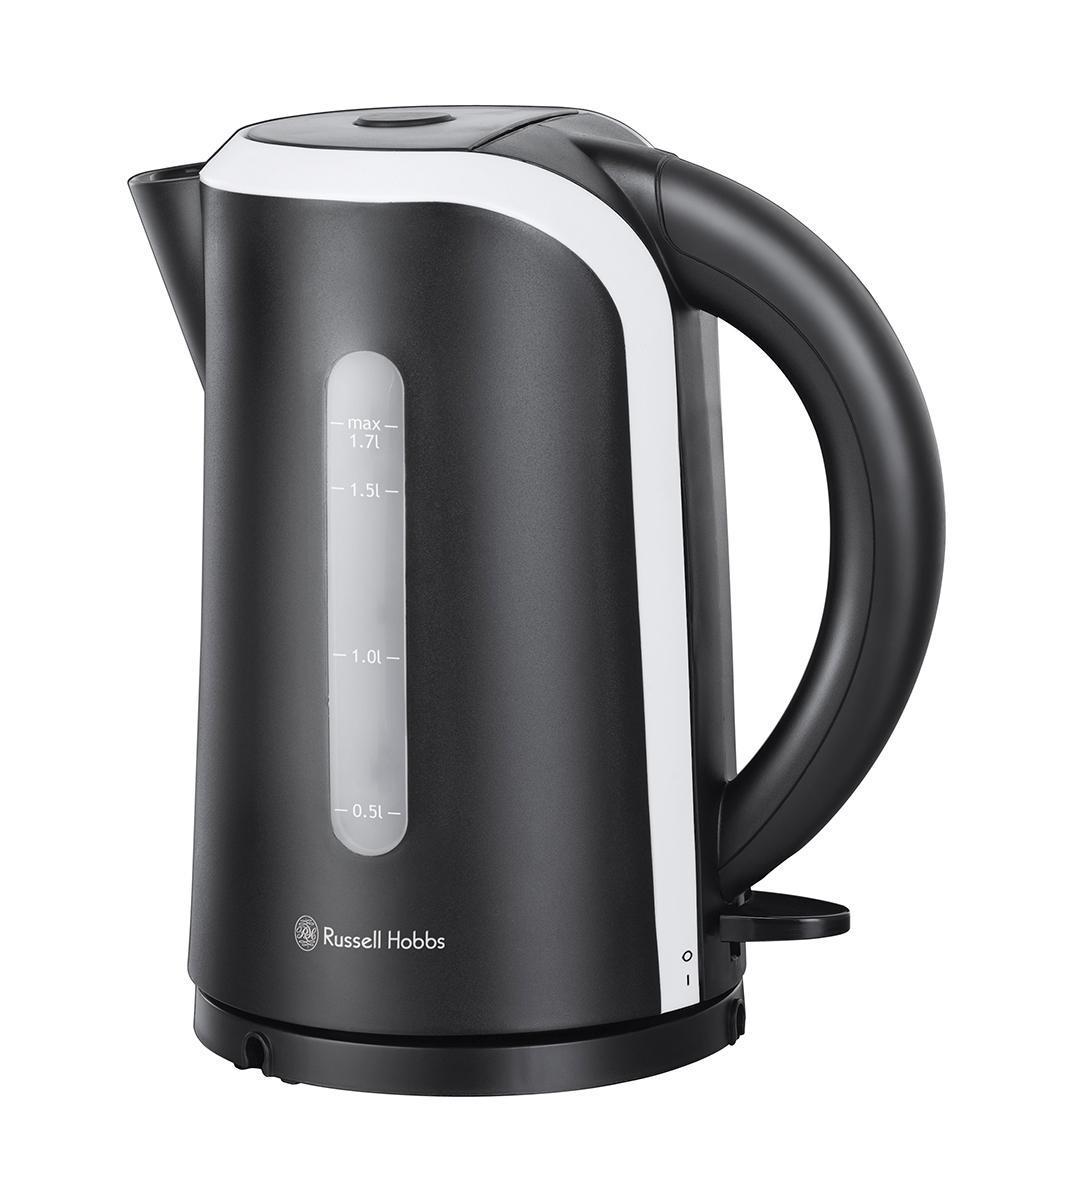 Russell Hobbs 18534-70 электрочайник18534-70Чайник Russell Hobbs 18534-70 Mono. Выполненный в яркой черно-белой палитре, этот чайник сочетает дизайн с инновациями и станет стильным дополнением на вашей кухне.